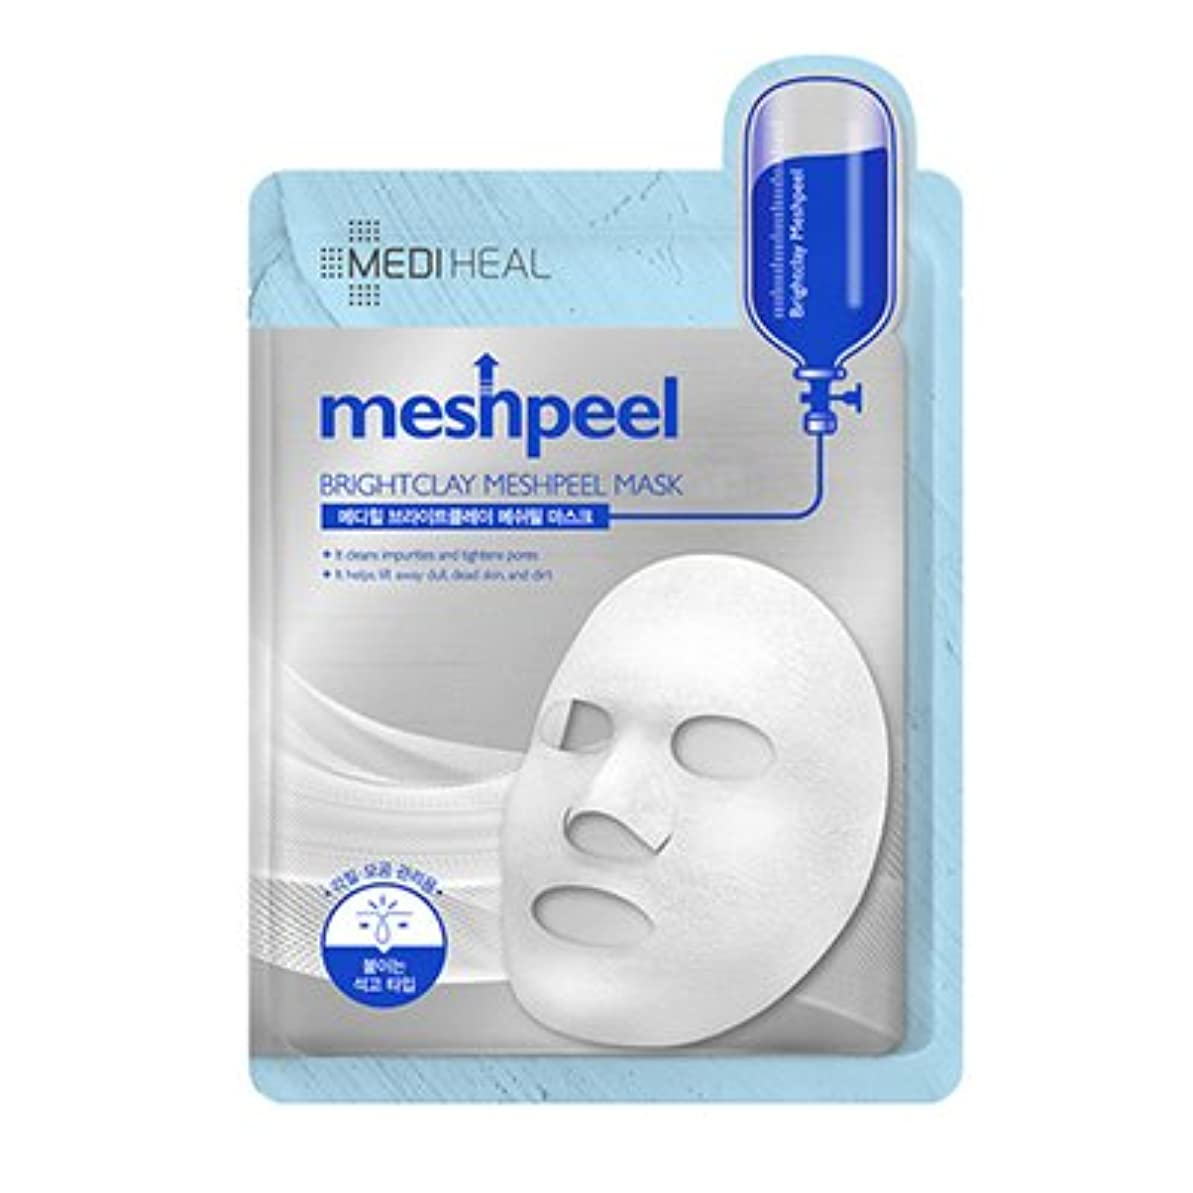 プランテーション希少性しなやか[New] MEDIHEAL Brightclay Meshpeel Mask 17g × 10EA/メディヒール ブライト クレイ メッシュ ピール マスク 17g × 10枚